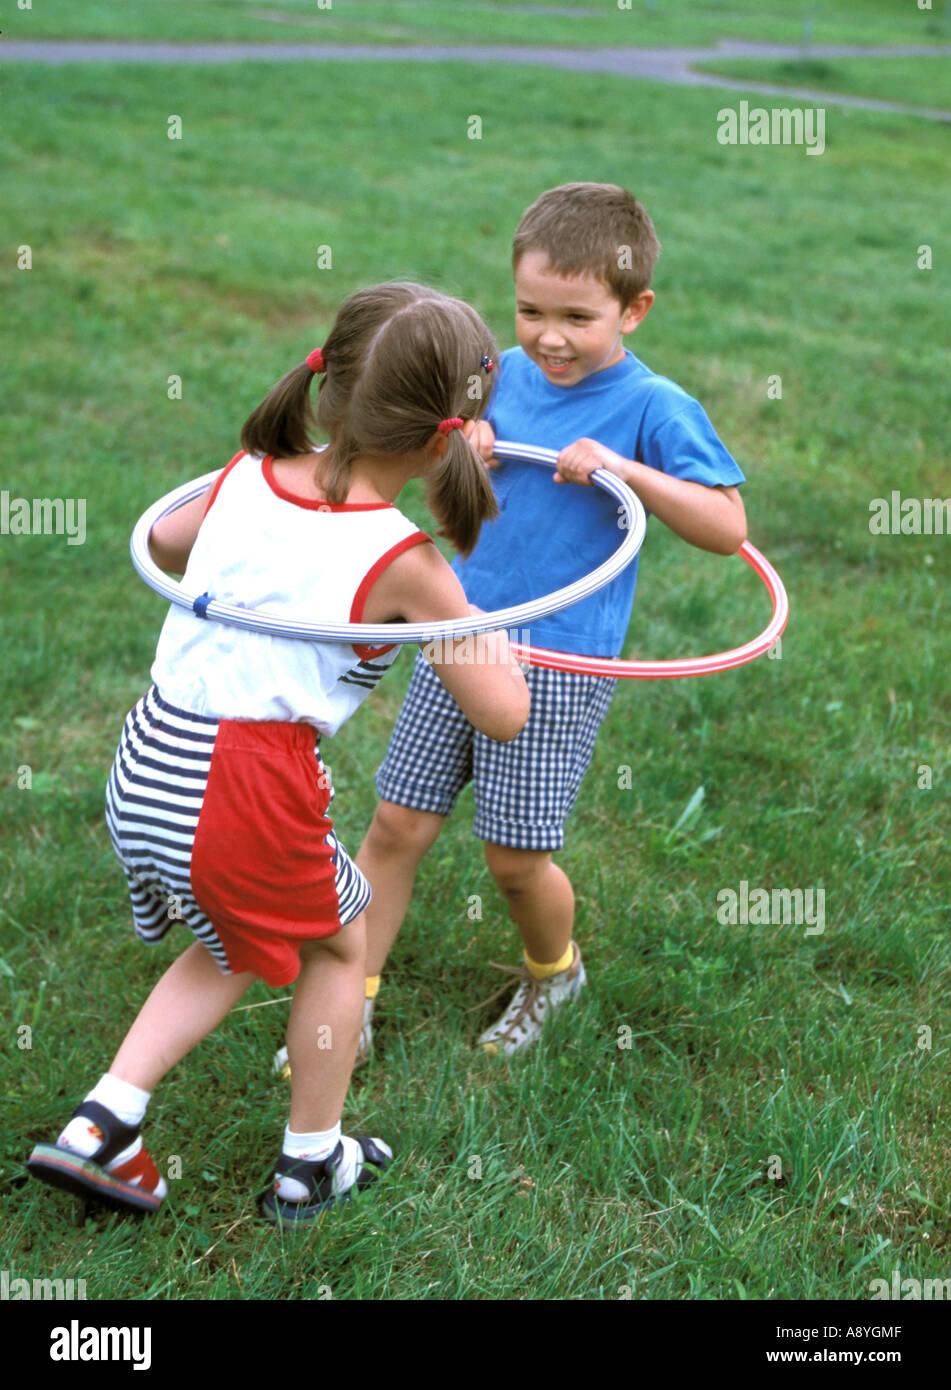 Un ragazzo e una ragazza a giocare con hula hop cerchio in park MR8417 7A Immagini Stock